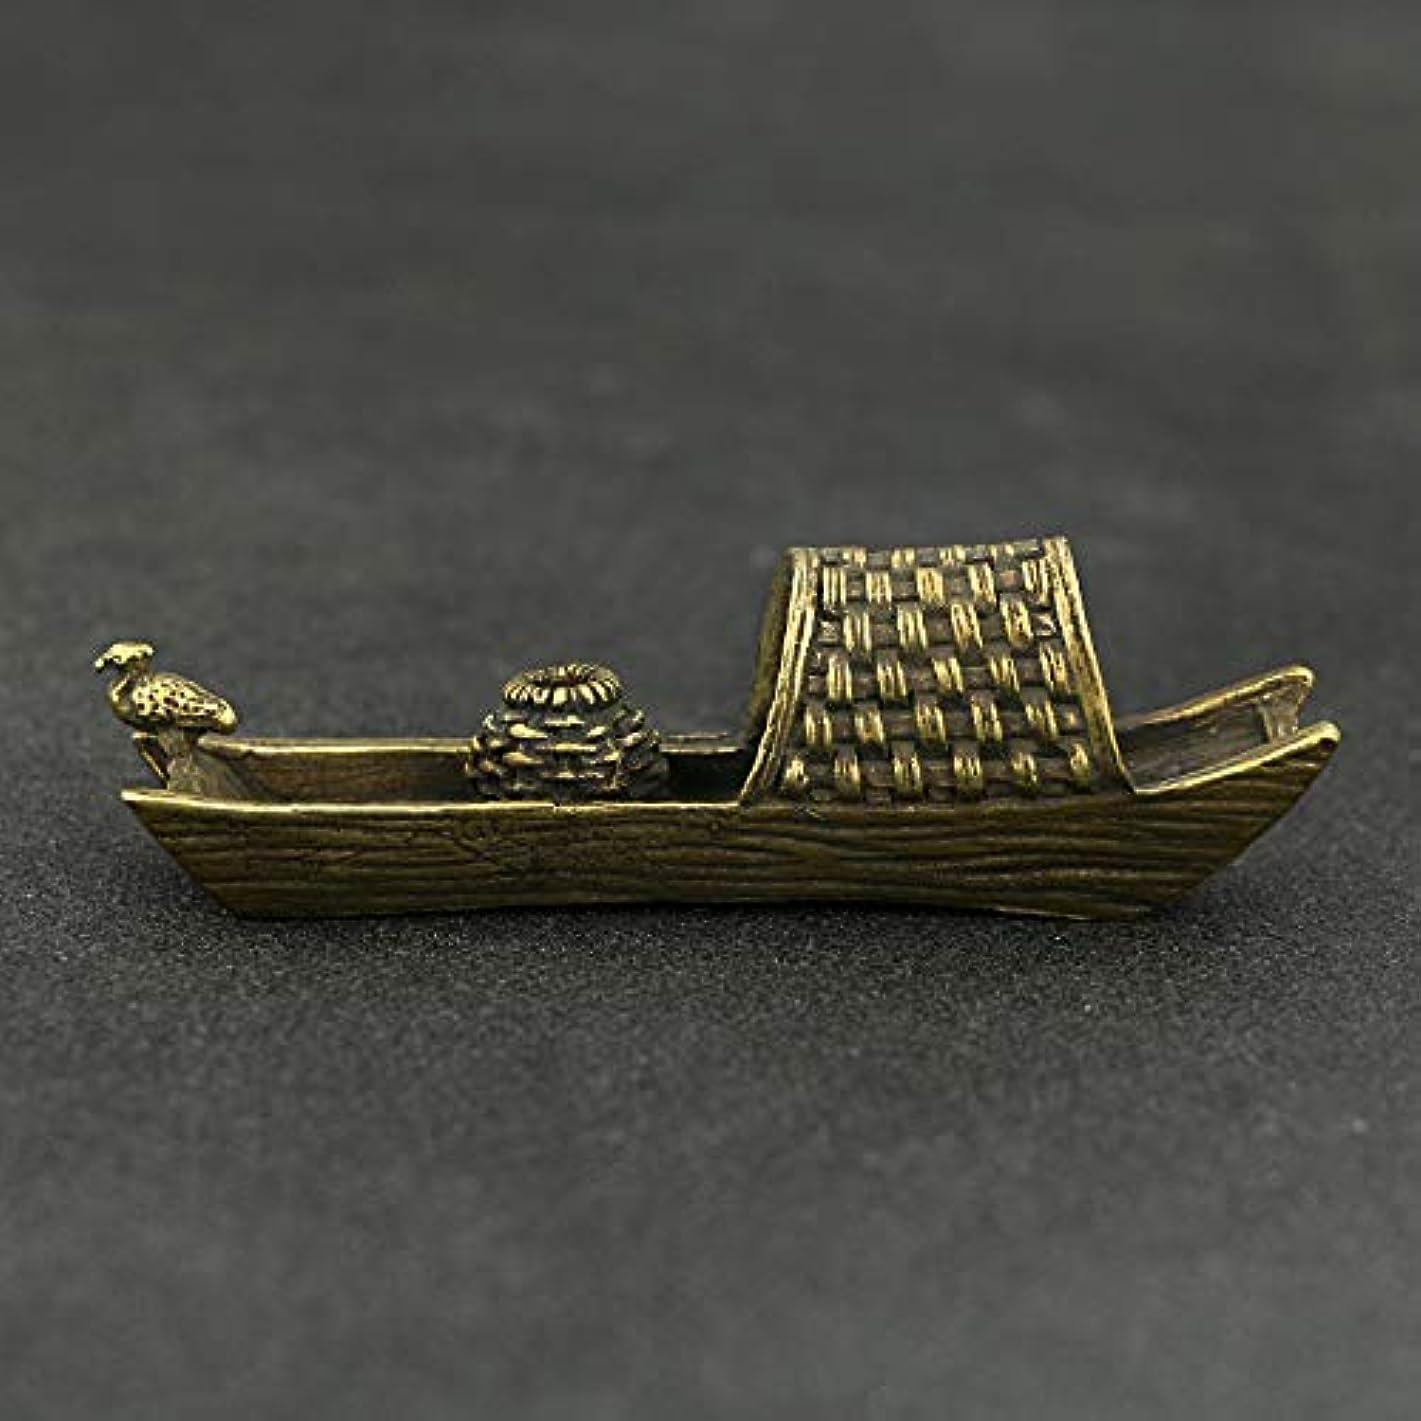 反乱こする廊下釣り船ブラケット真鍮香炉ブラケットホームデコレーションクラフトギフトバーナー香スティックフレーム真鍮10 * 3 cm